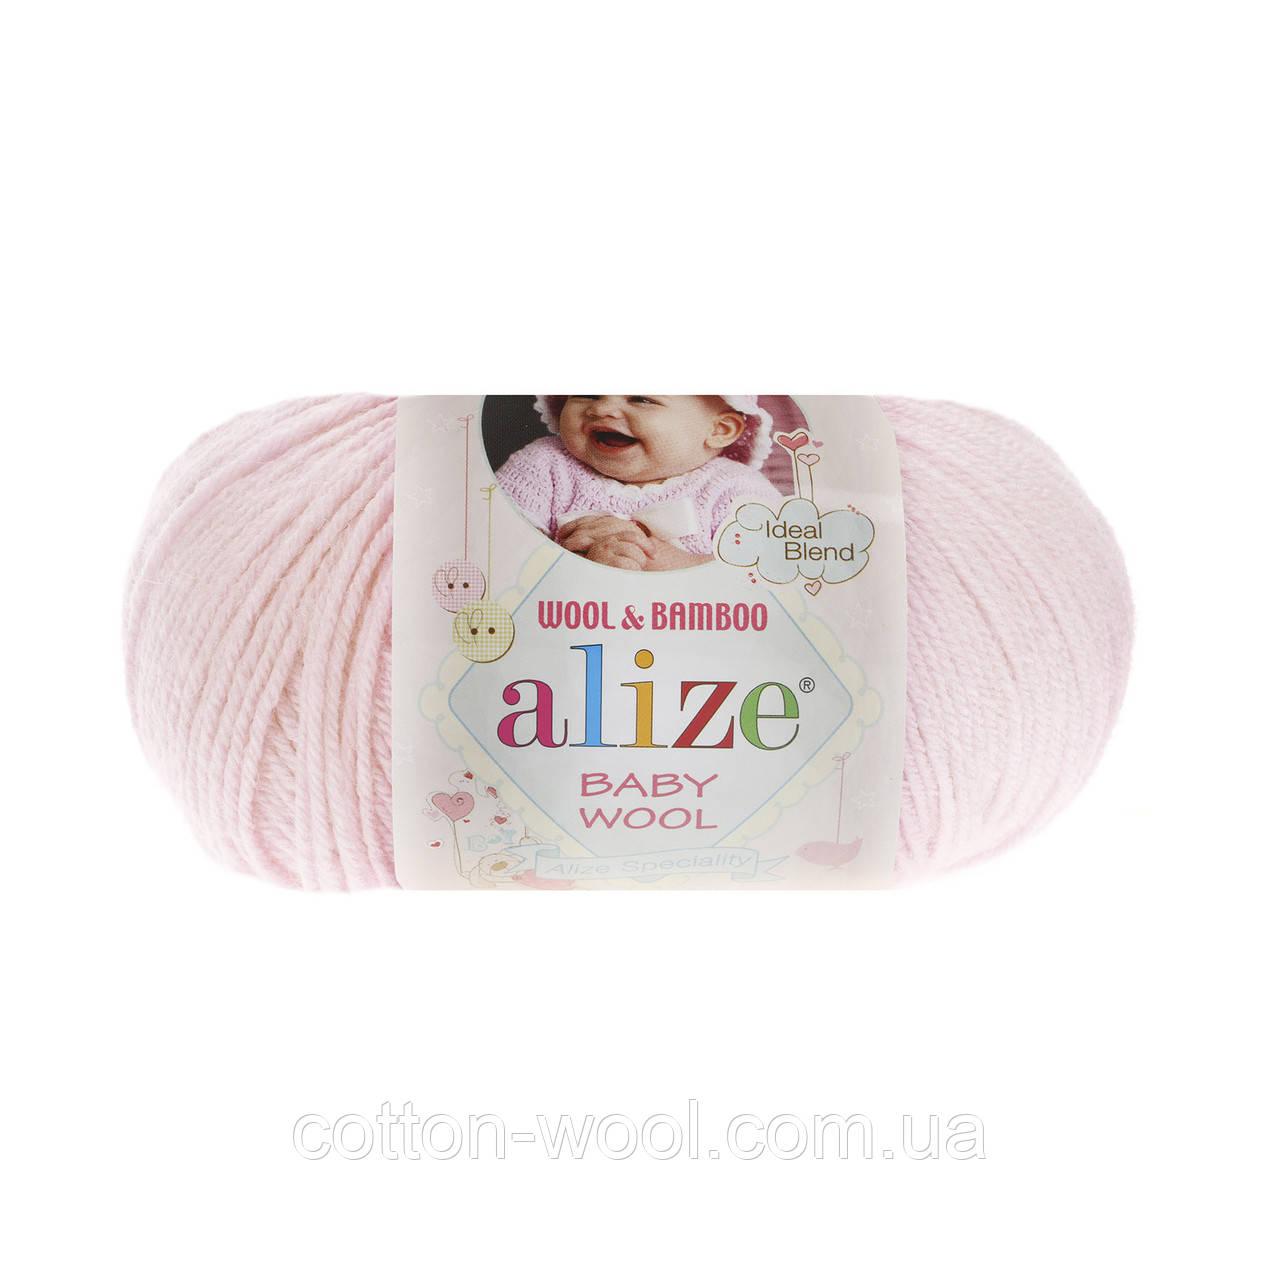 Alize Baby wool (Ализе Беби вул) 184 детская пряжа